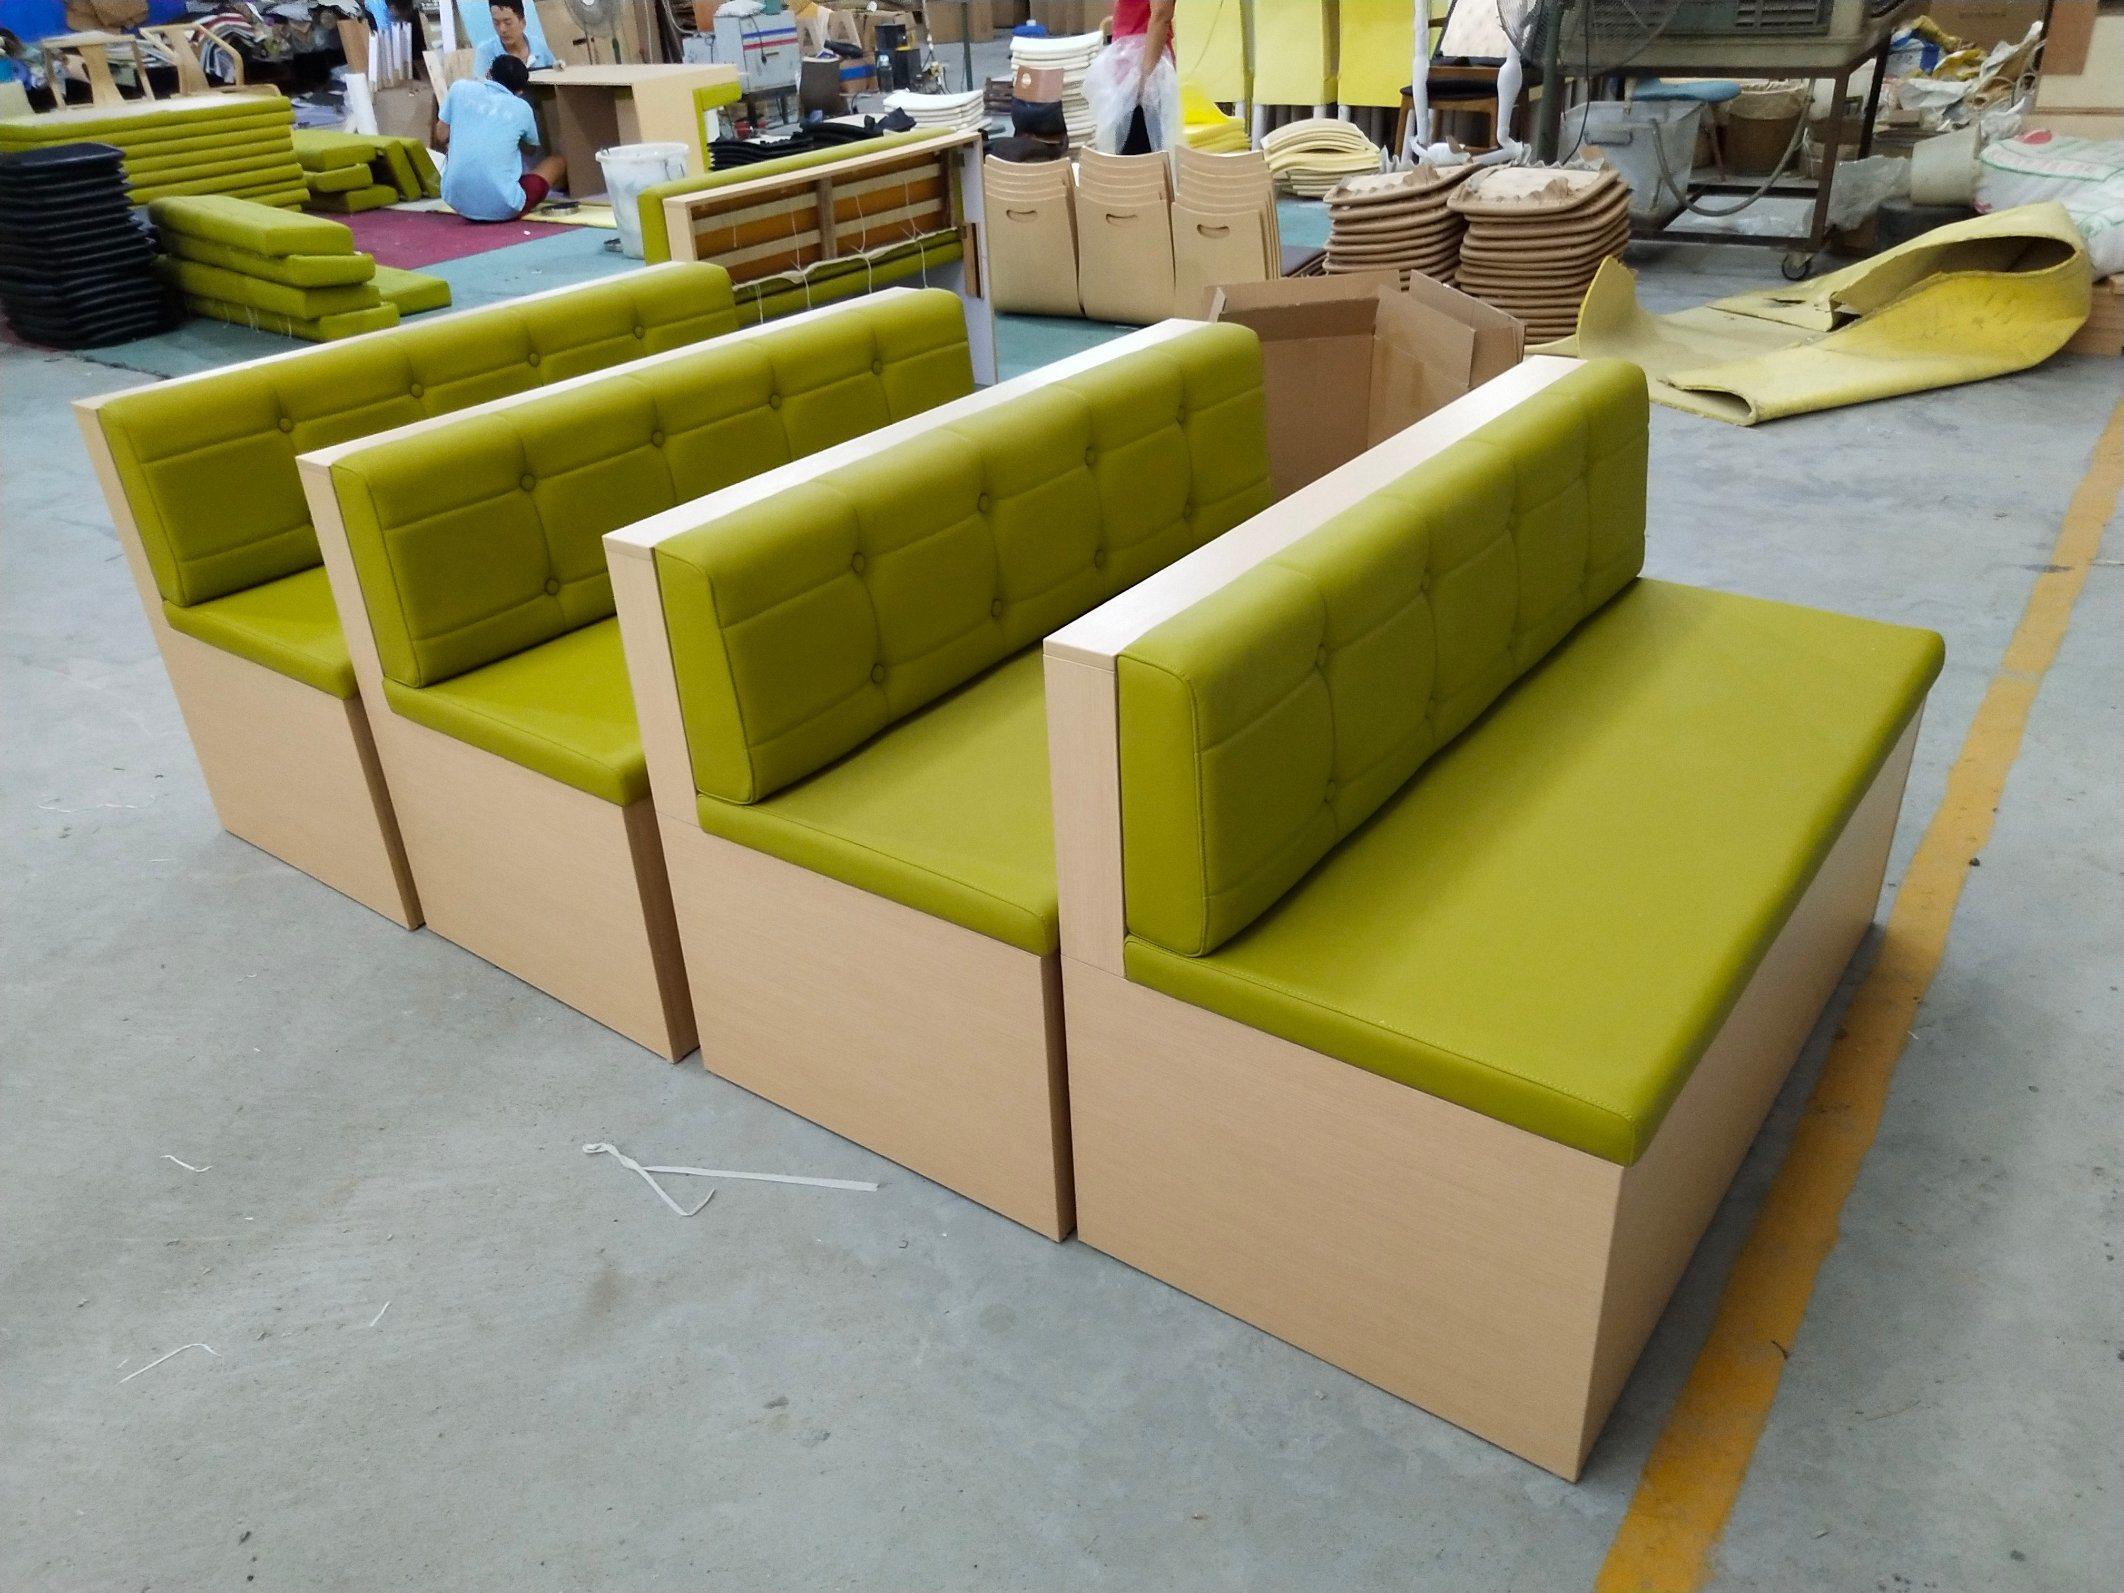 Nova Izdaja Prihranite Odlicna Kakovost Upholstered Restaurant Bench Newcastleweb Net